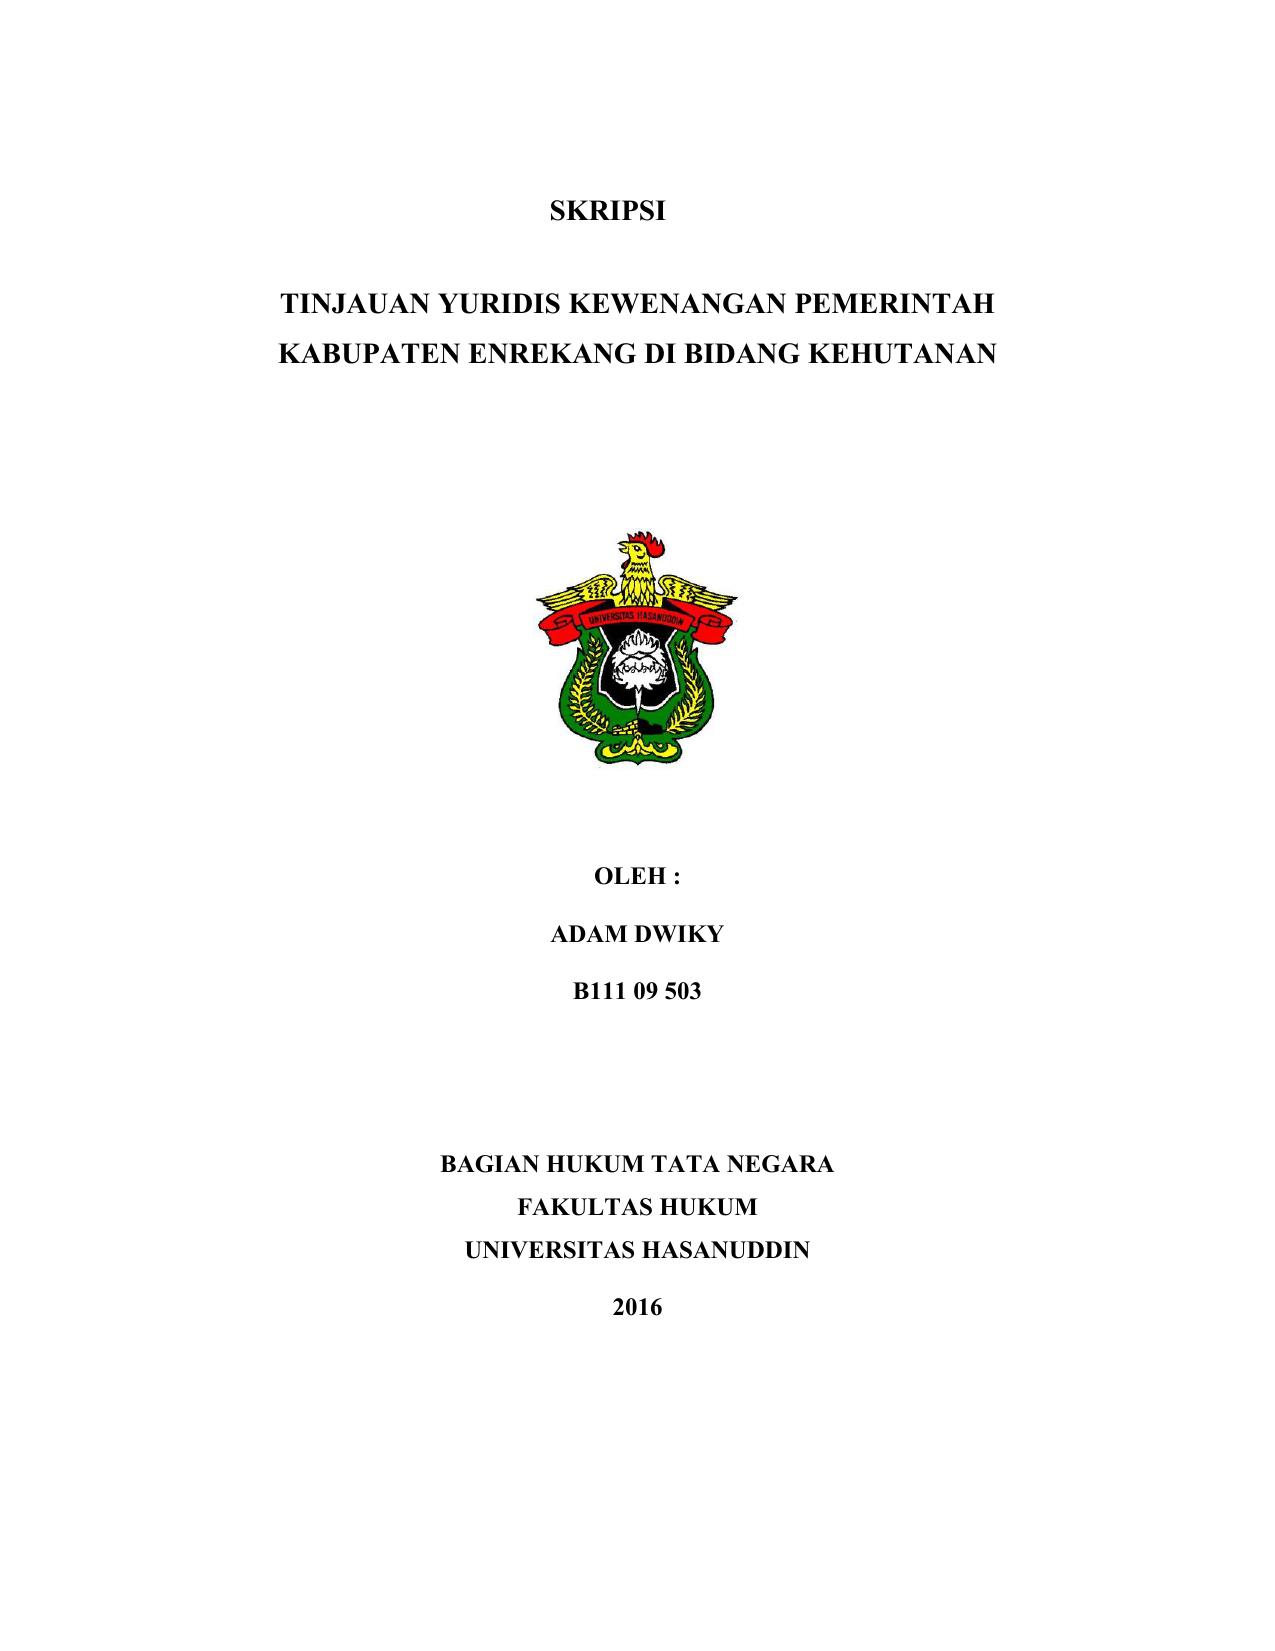 Skripsi Tinjauan Yuridis Kewenangan Pemerintah Kabupaten